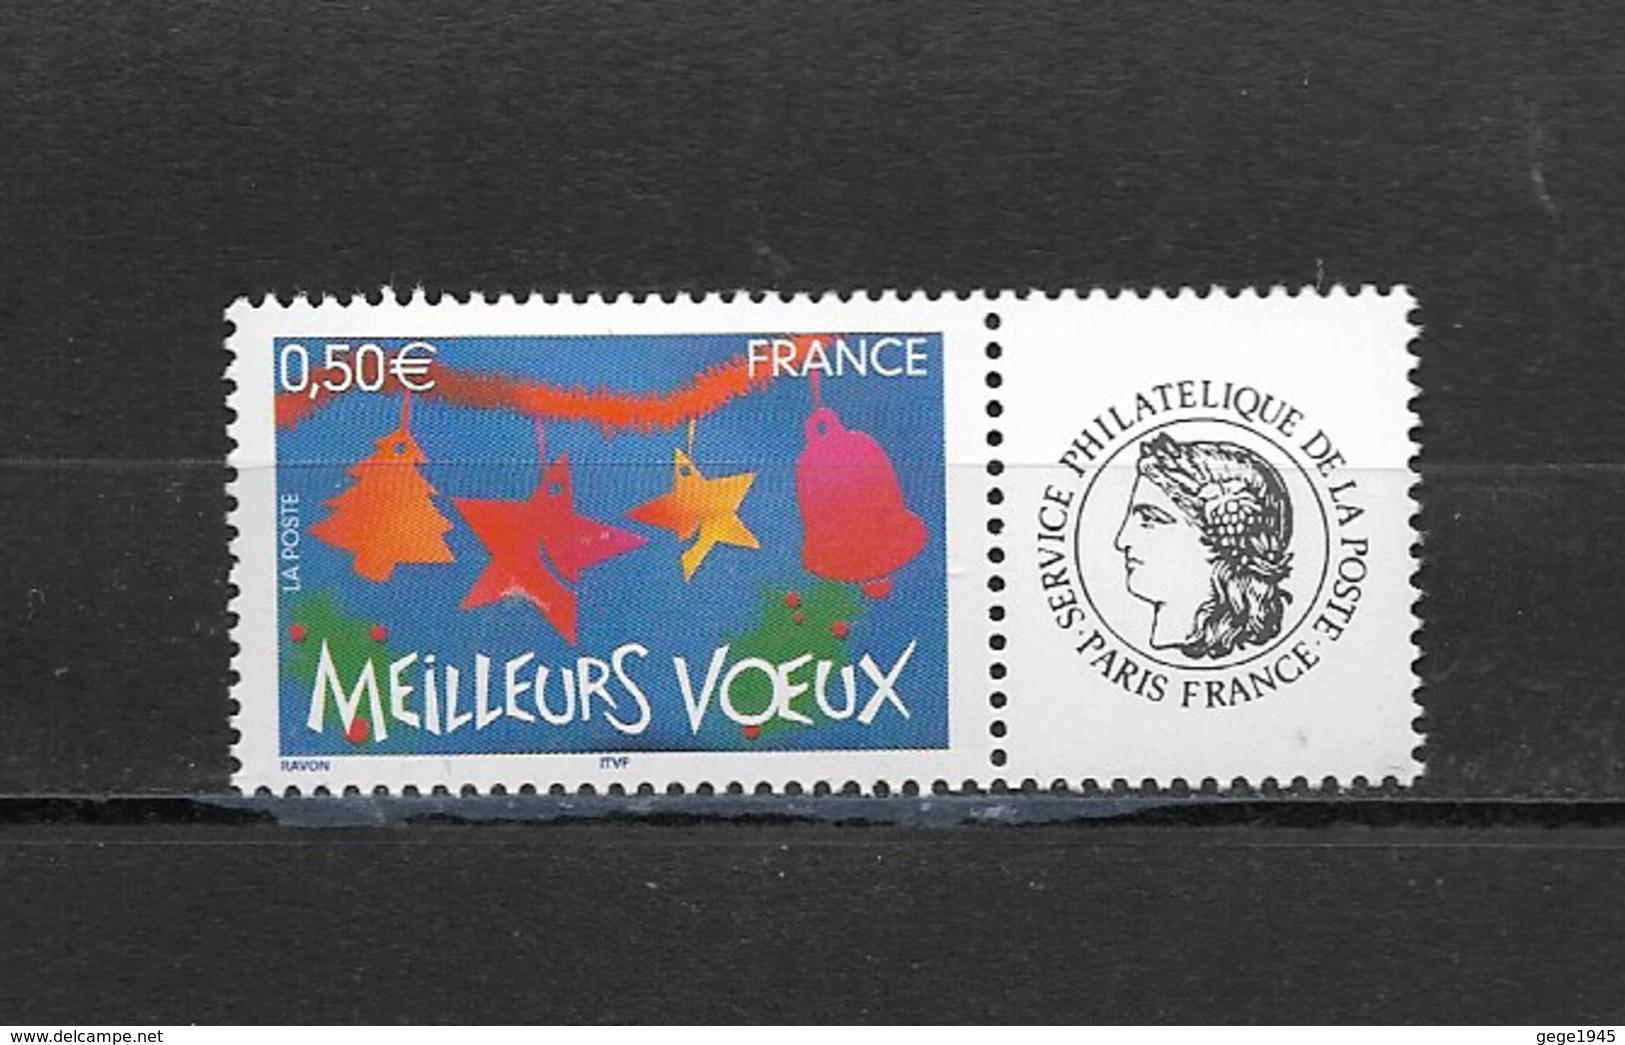 France  2004 Neuf **  Feuillet De 5  Timbres  3725A    Logo  Ceres -  Meilleurs Voeux -  ( Gomme Brillante ) - Personalisiert